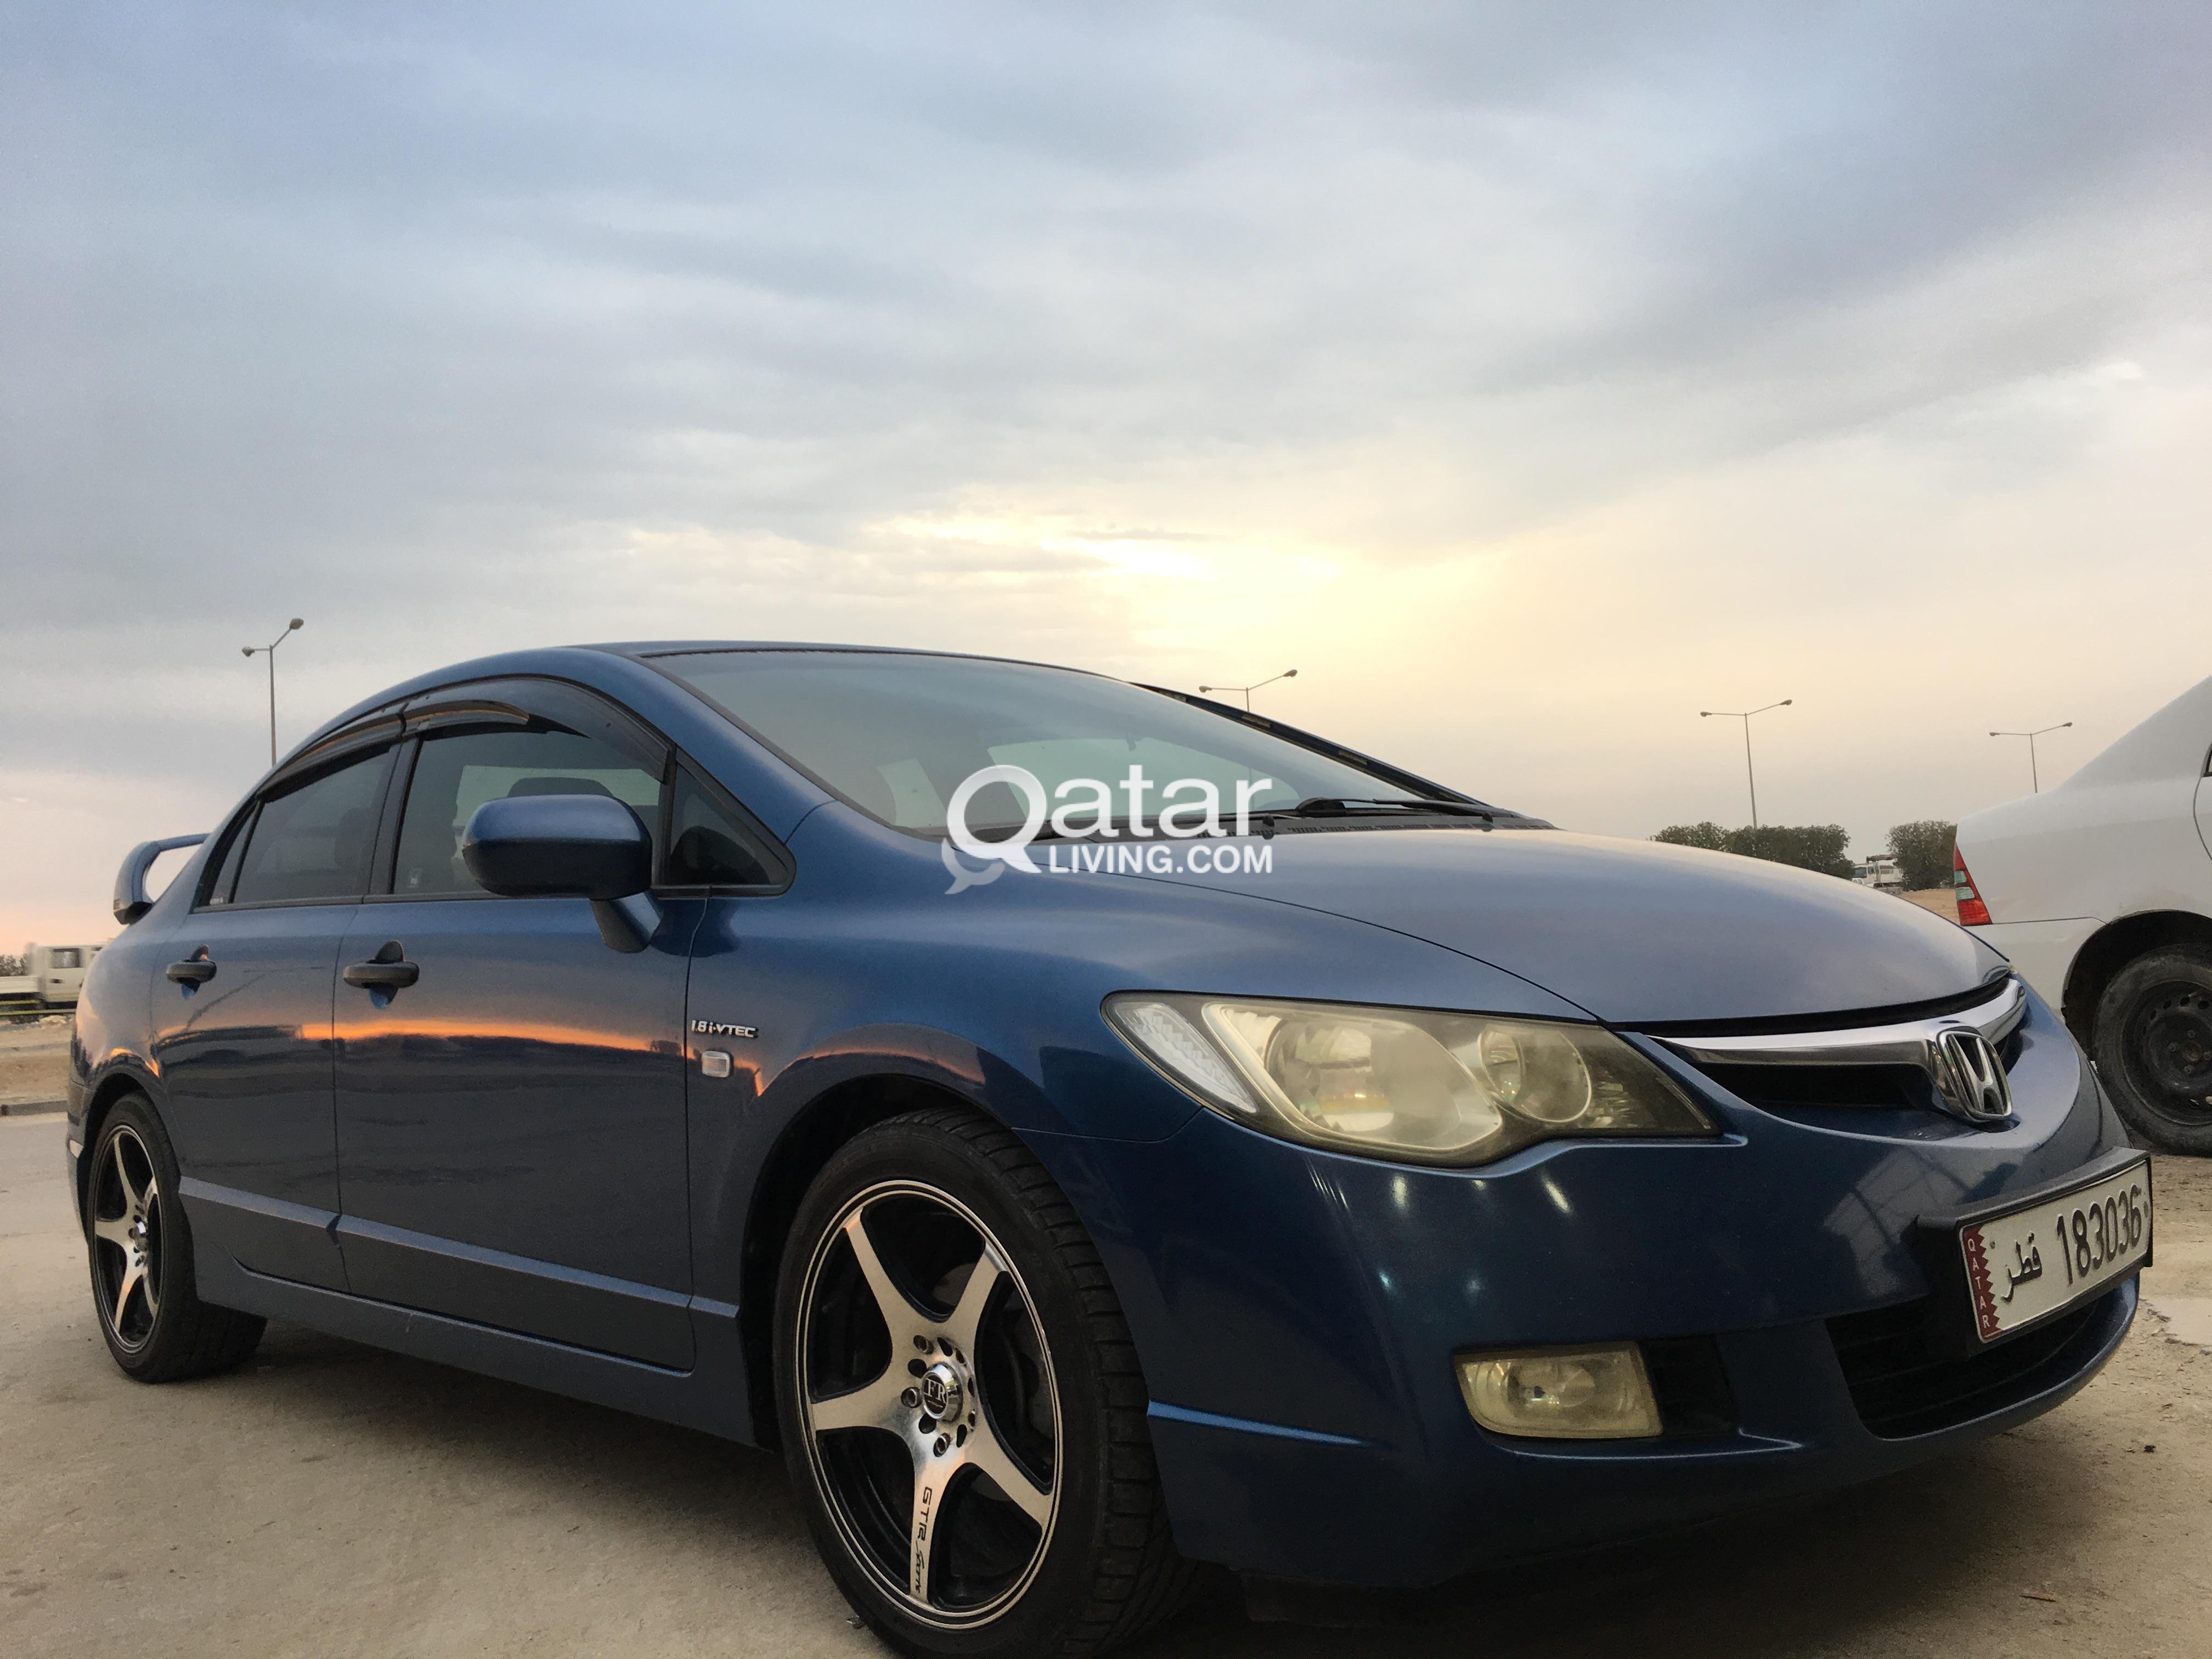 Owners Honda Com >> First Owners Honda Civic Urgent Sale Qatar Living